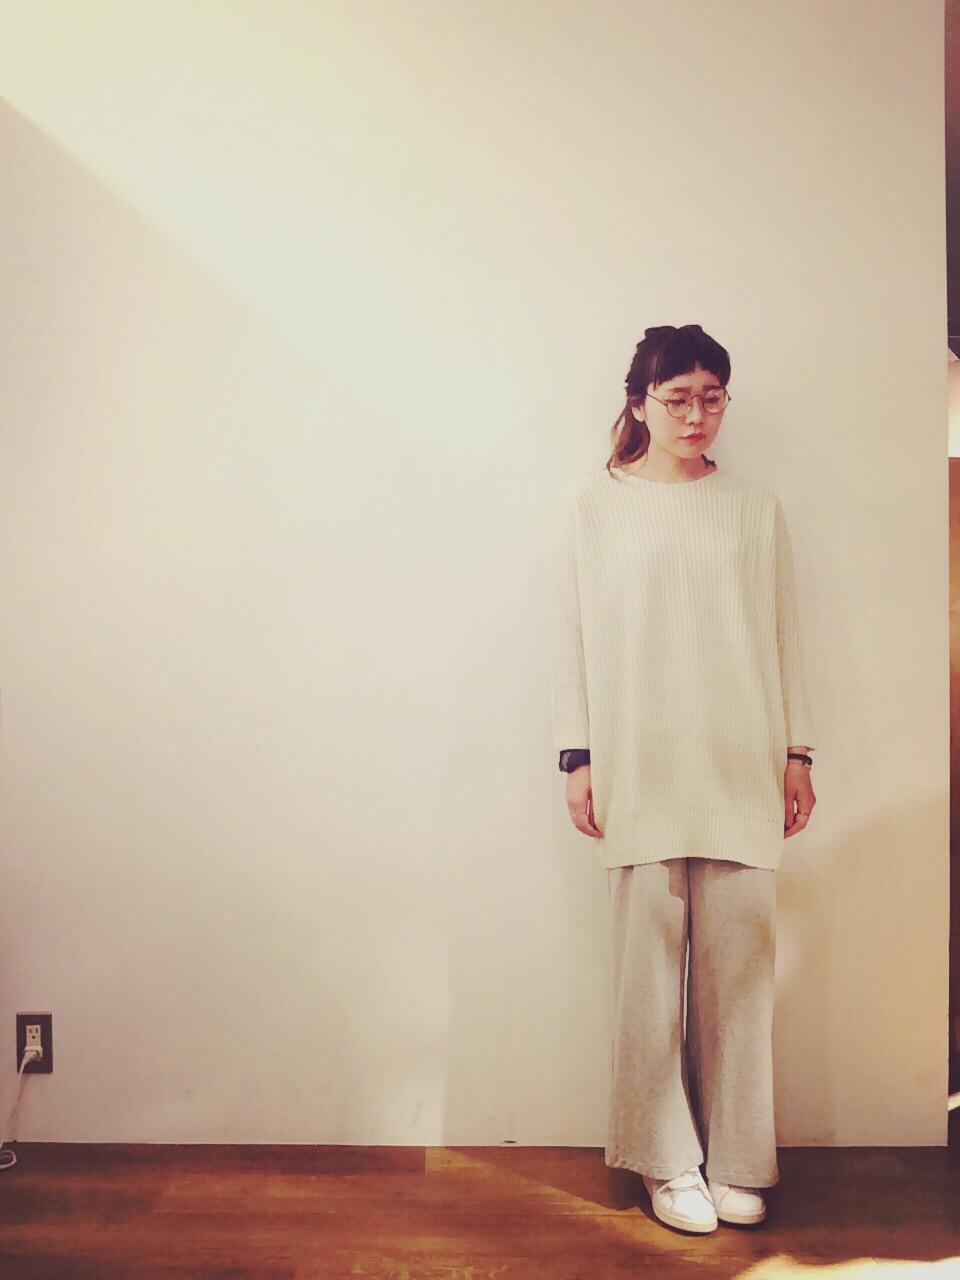 コーデが魅力的です♡秋冬はチュニックが大活躍の予感・・・♡のサムネイル画像